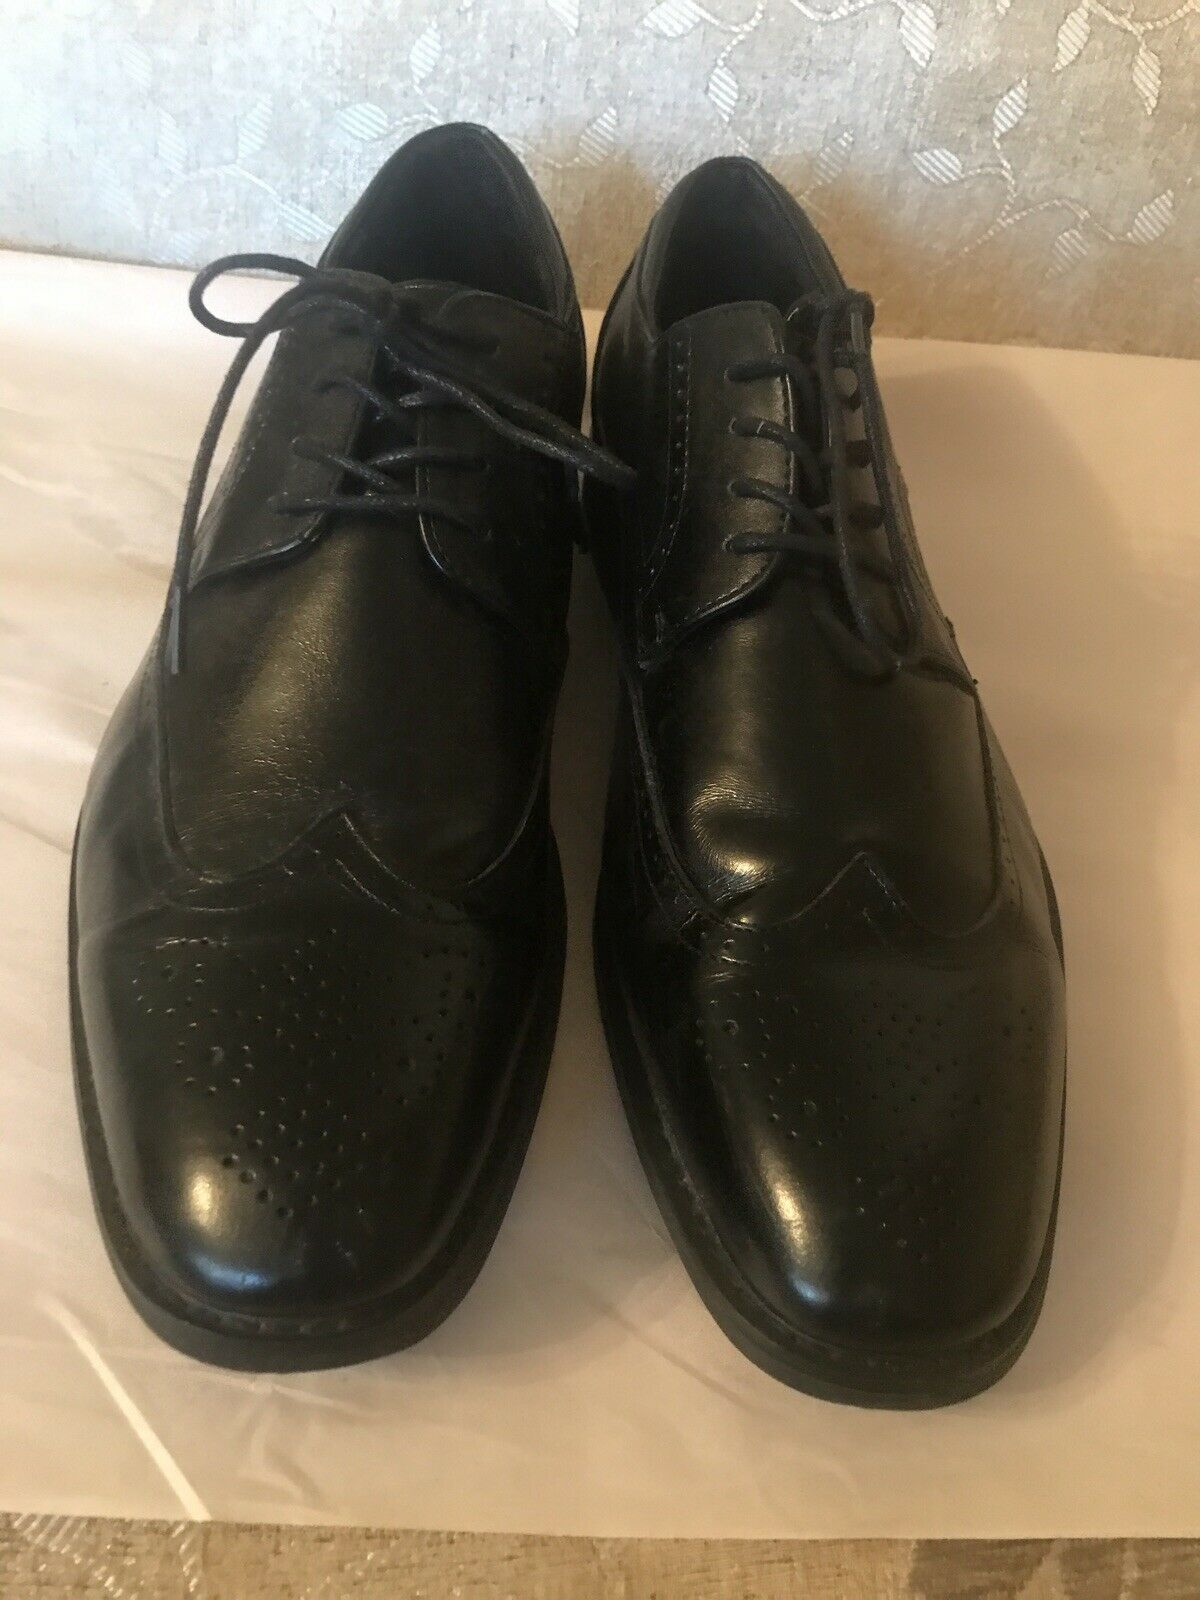 Joseph Abboud Men's Black Leather Cap Toe Oxford Dress Casual Shoes Size 11.5